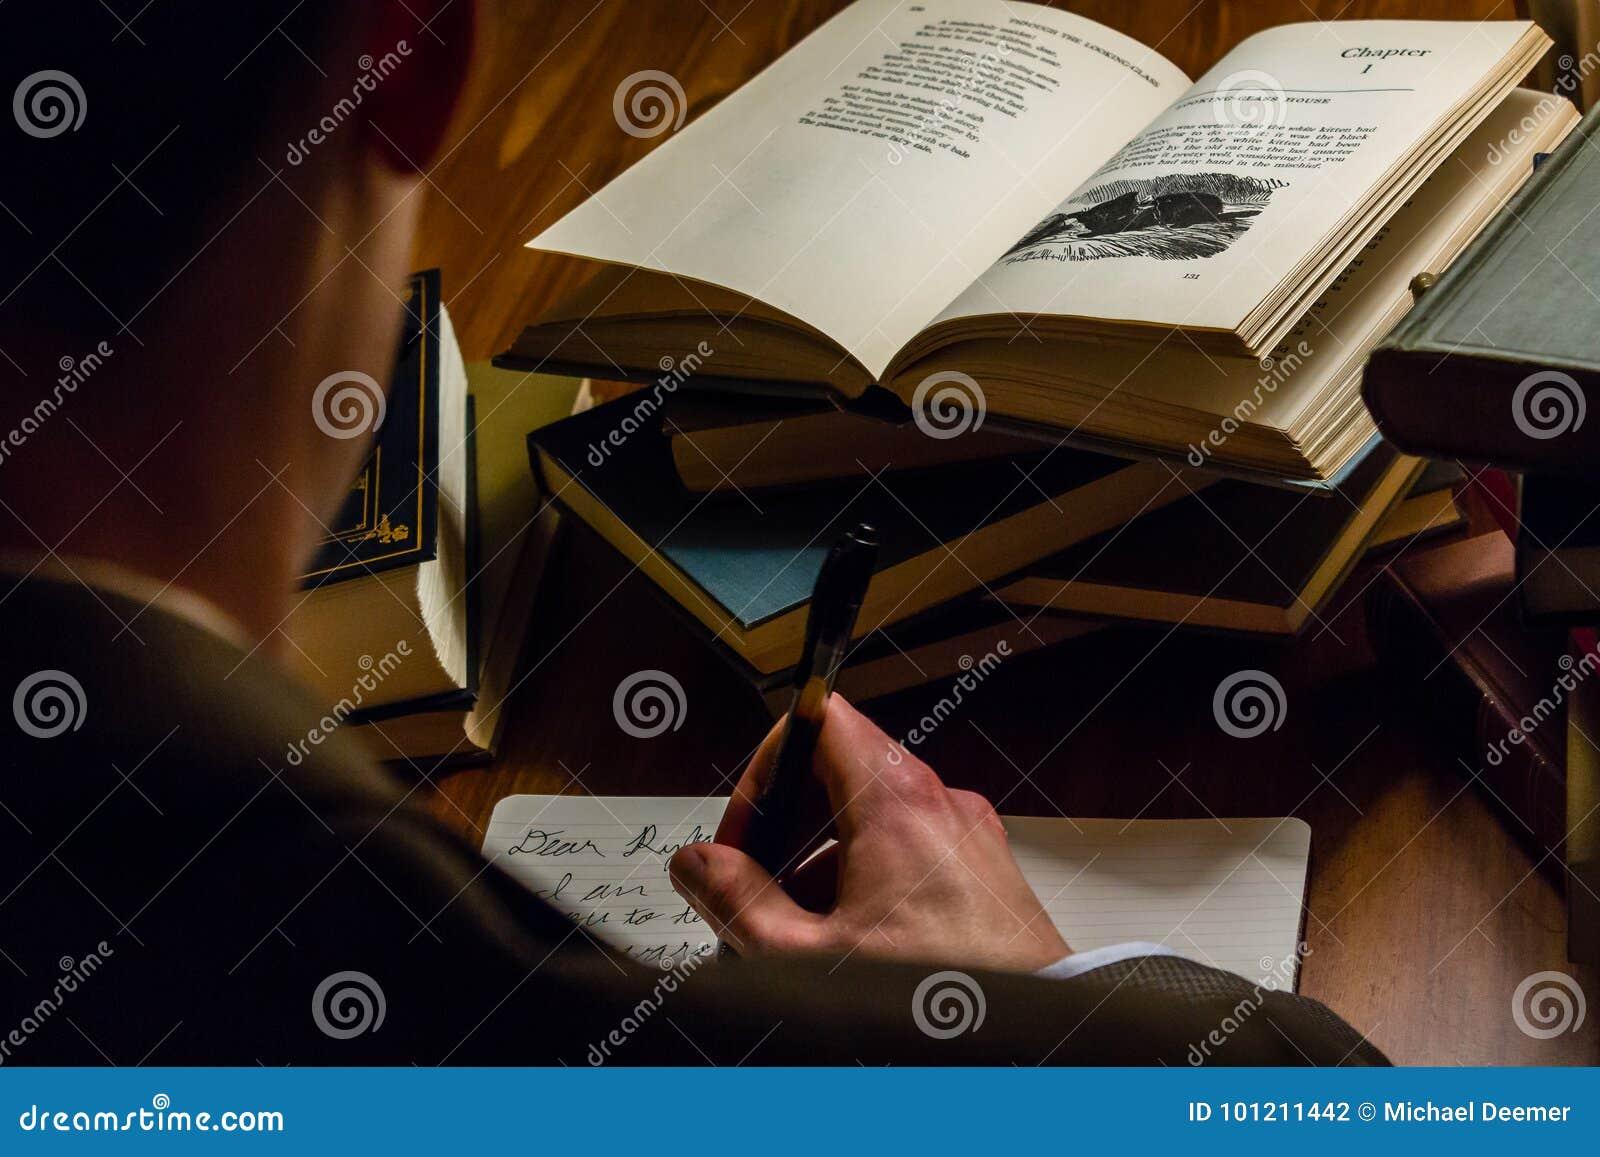 Regard au-dessus de l épaule d un homme écrivant une lettre tout en lisant les ouvrages littéraires